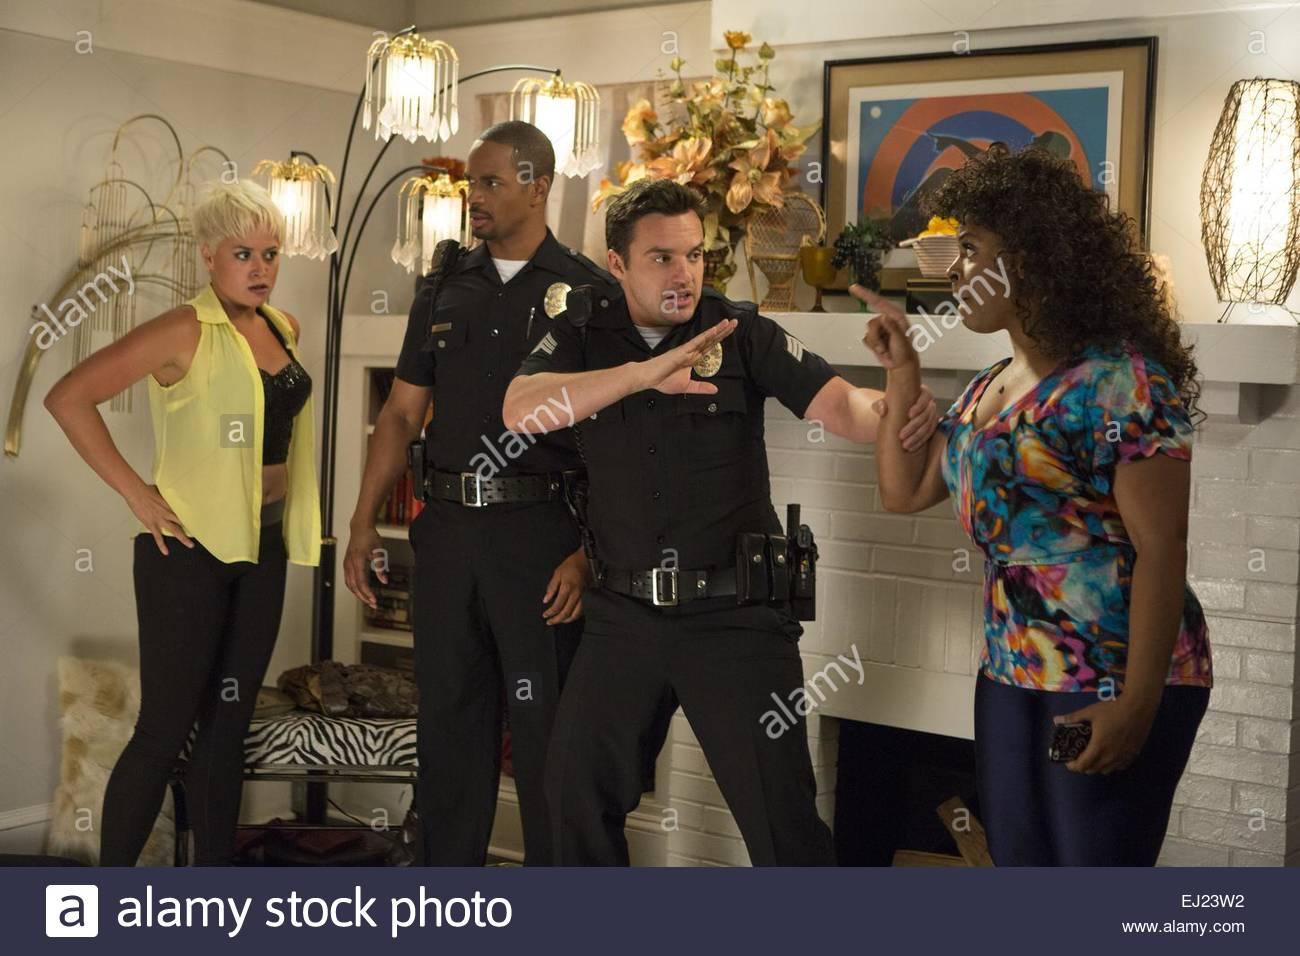 jwaundace candece let's be cops